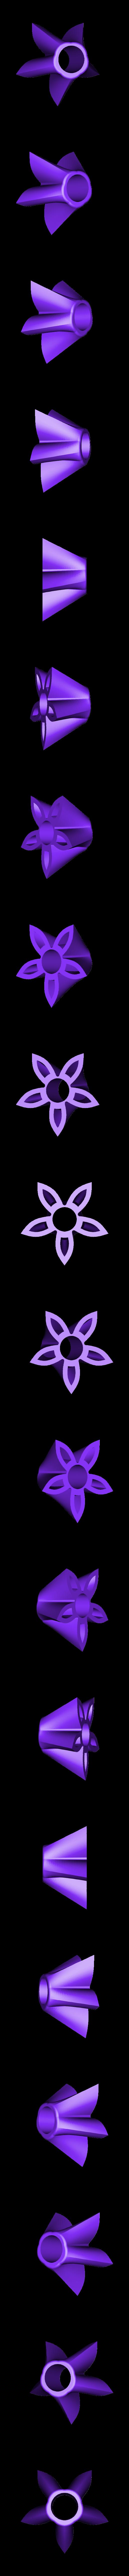 flor_x5_con_hueco.stl Télécharger fichier STL gratuit mangeoire pour colibri • Modèle pour imprimante 3D, saginau